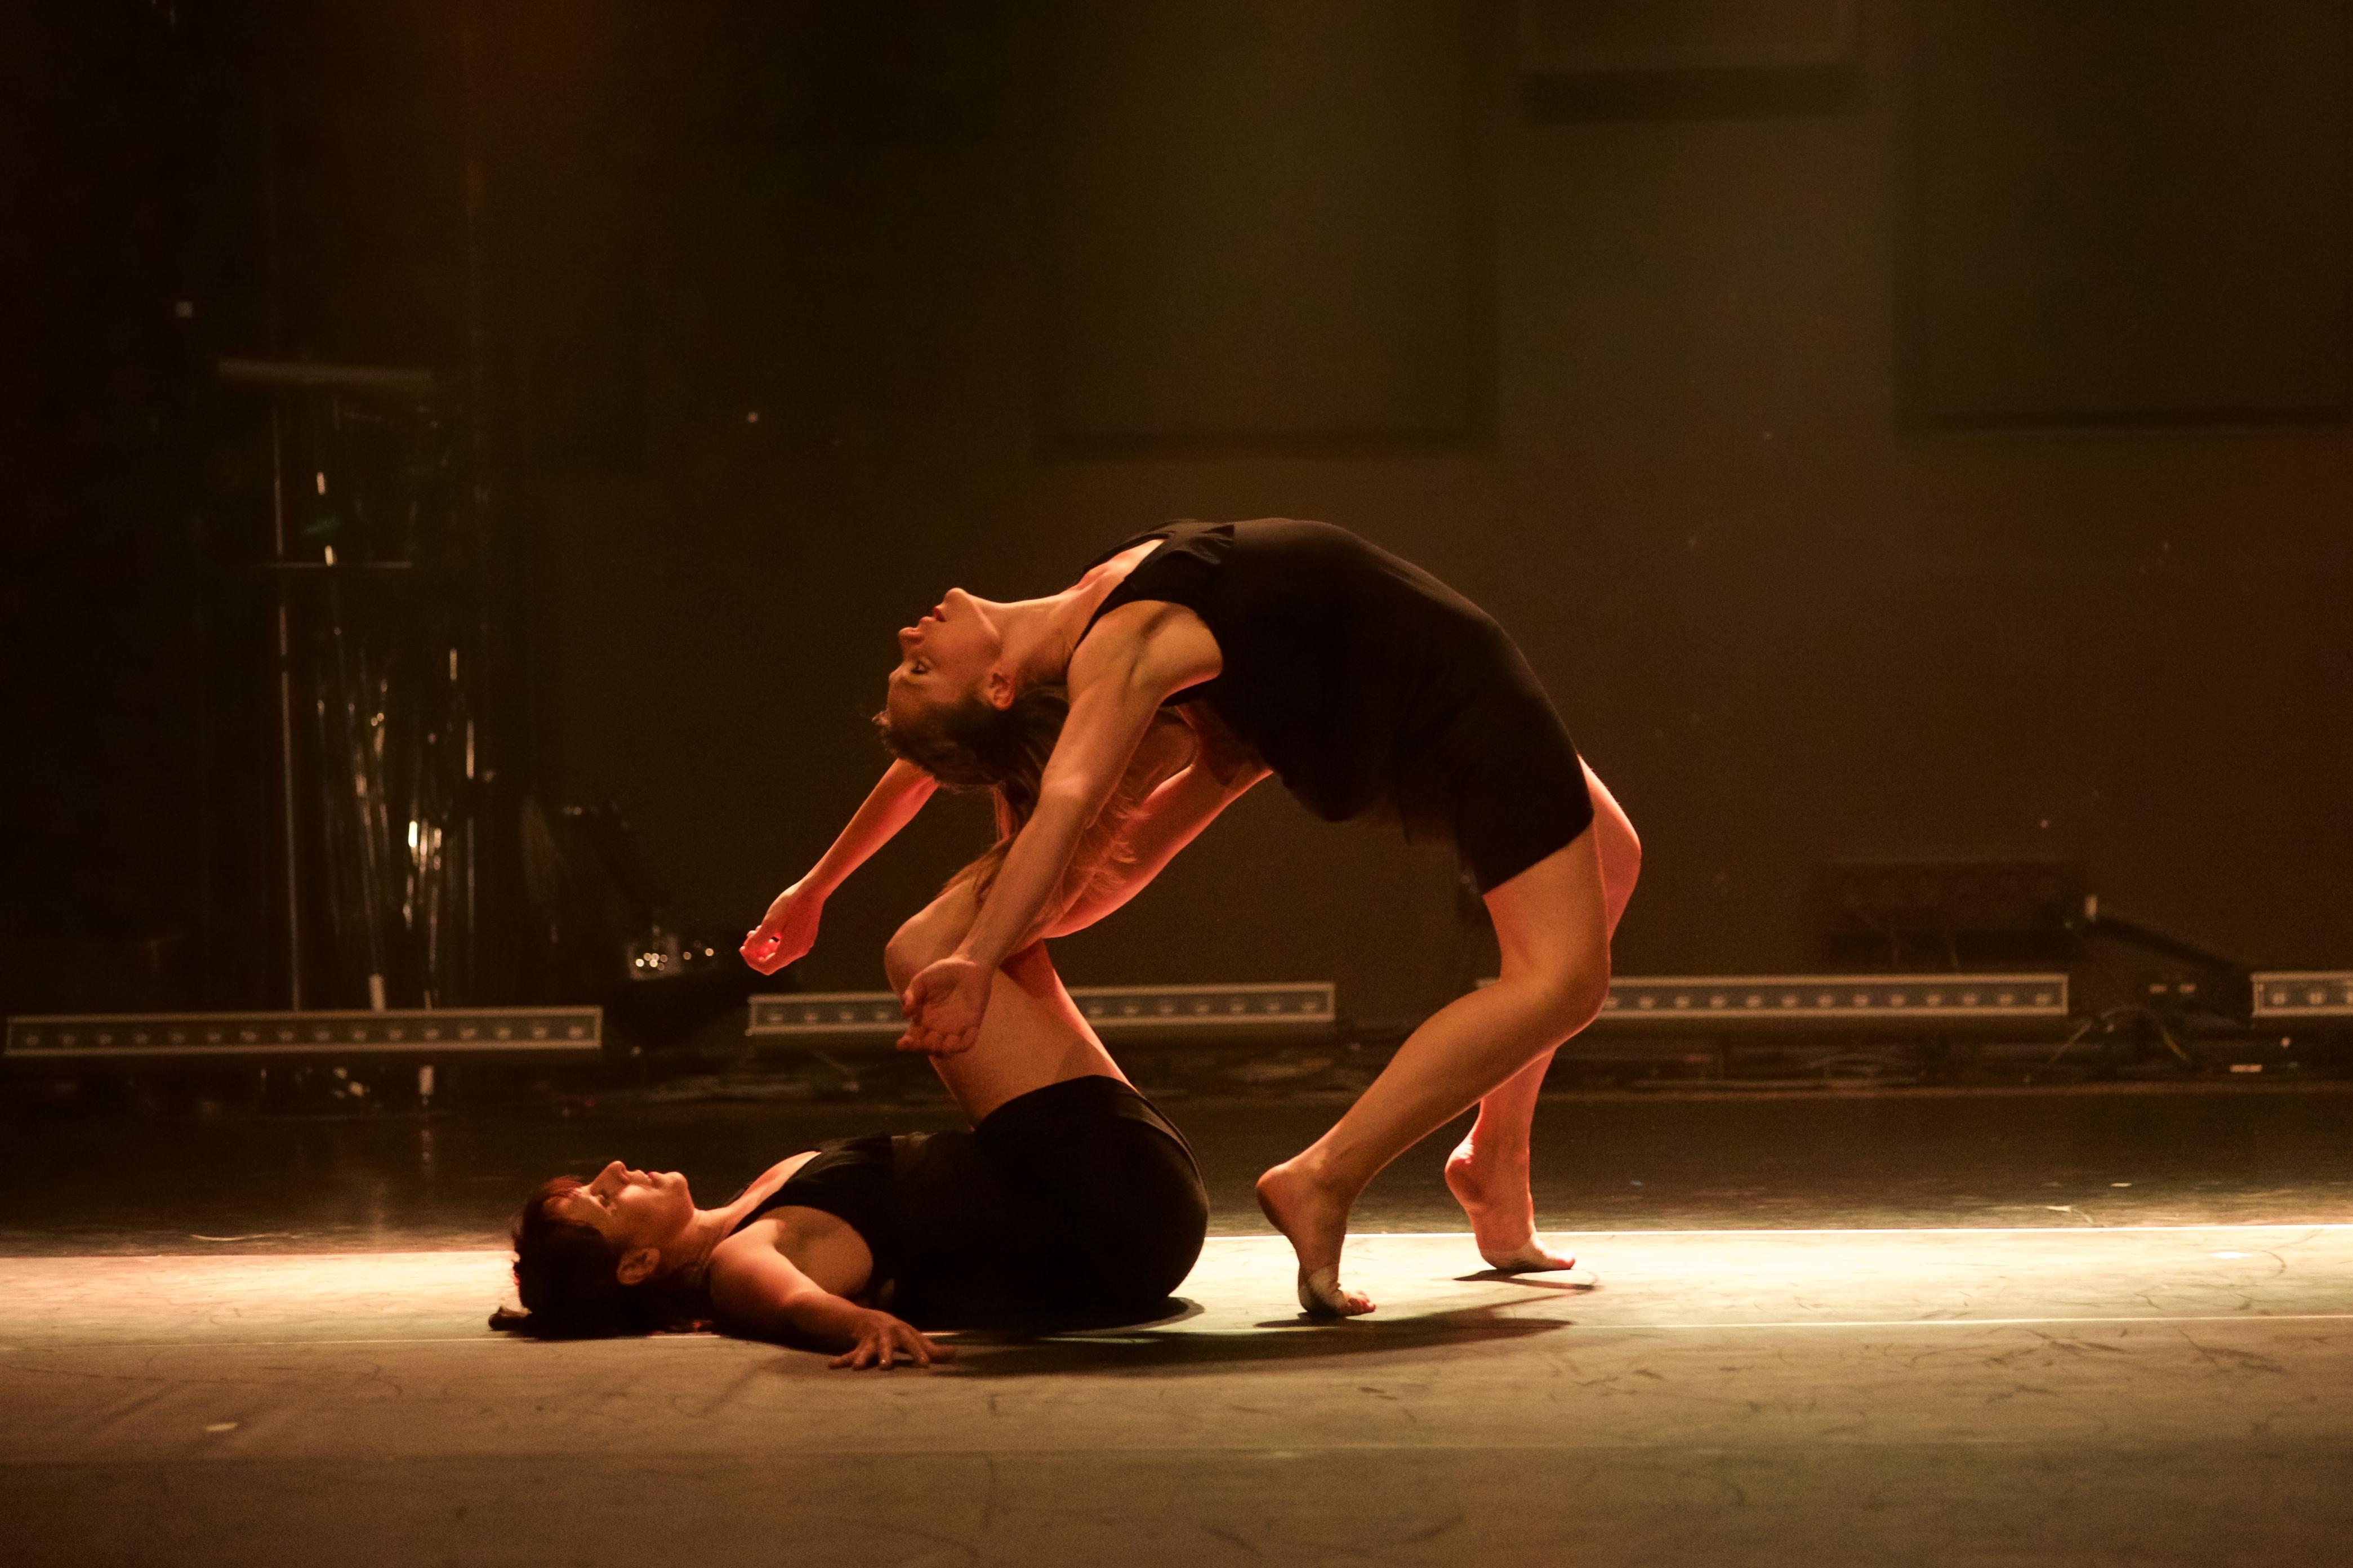 école de danse cécile bernard cifuentes bordeaux mérignac